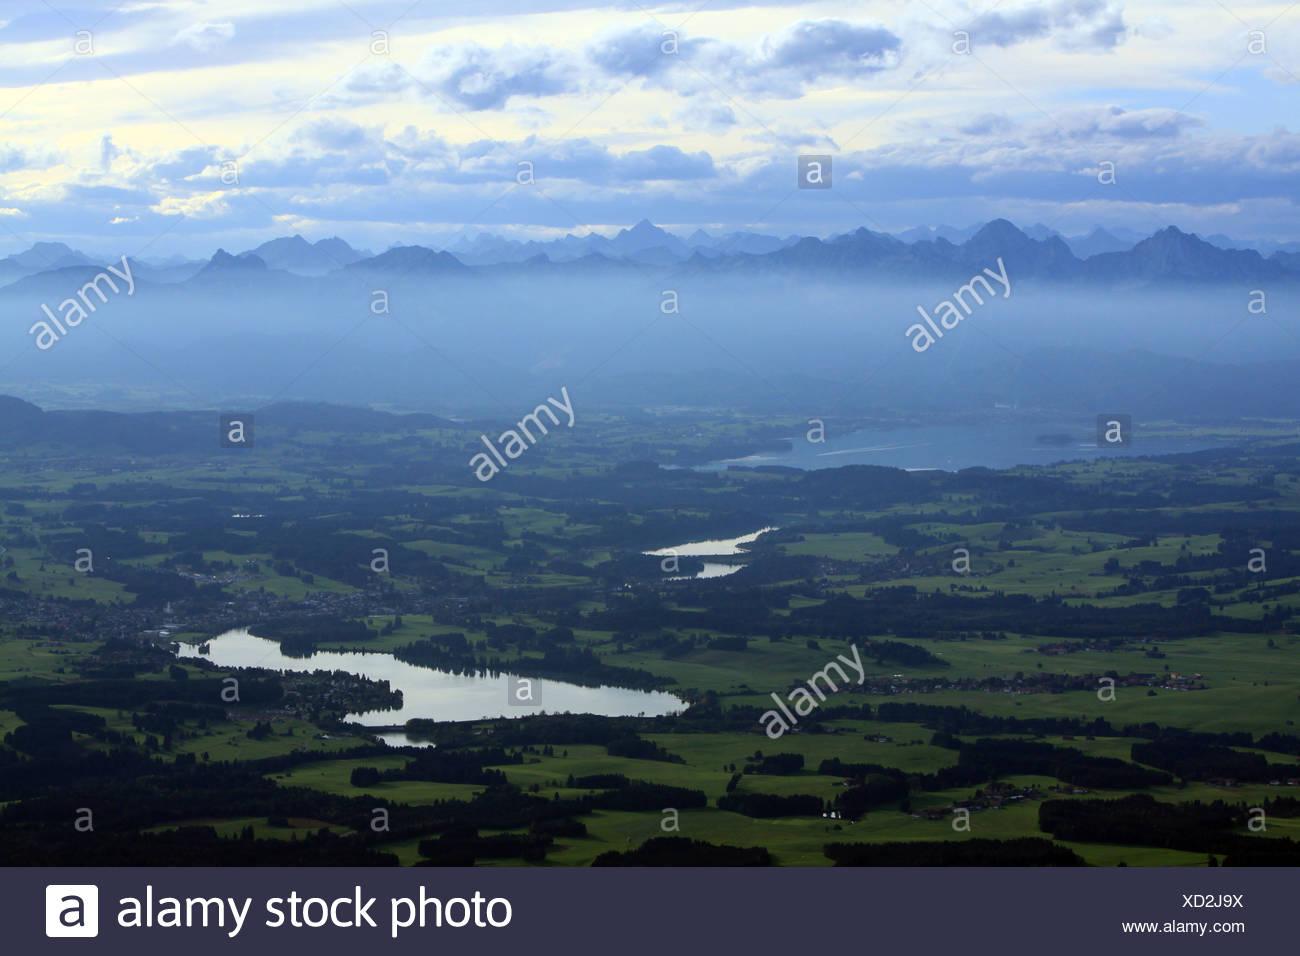 Lech reservoir near Lechbruck - Stock Image